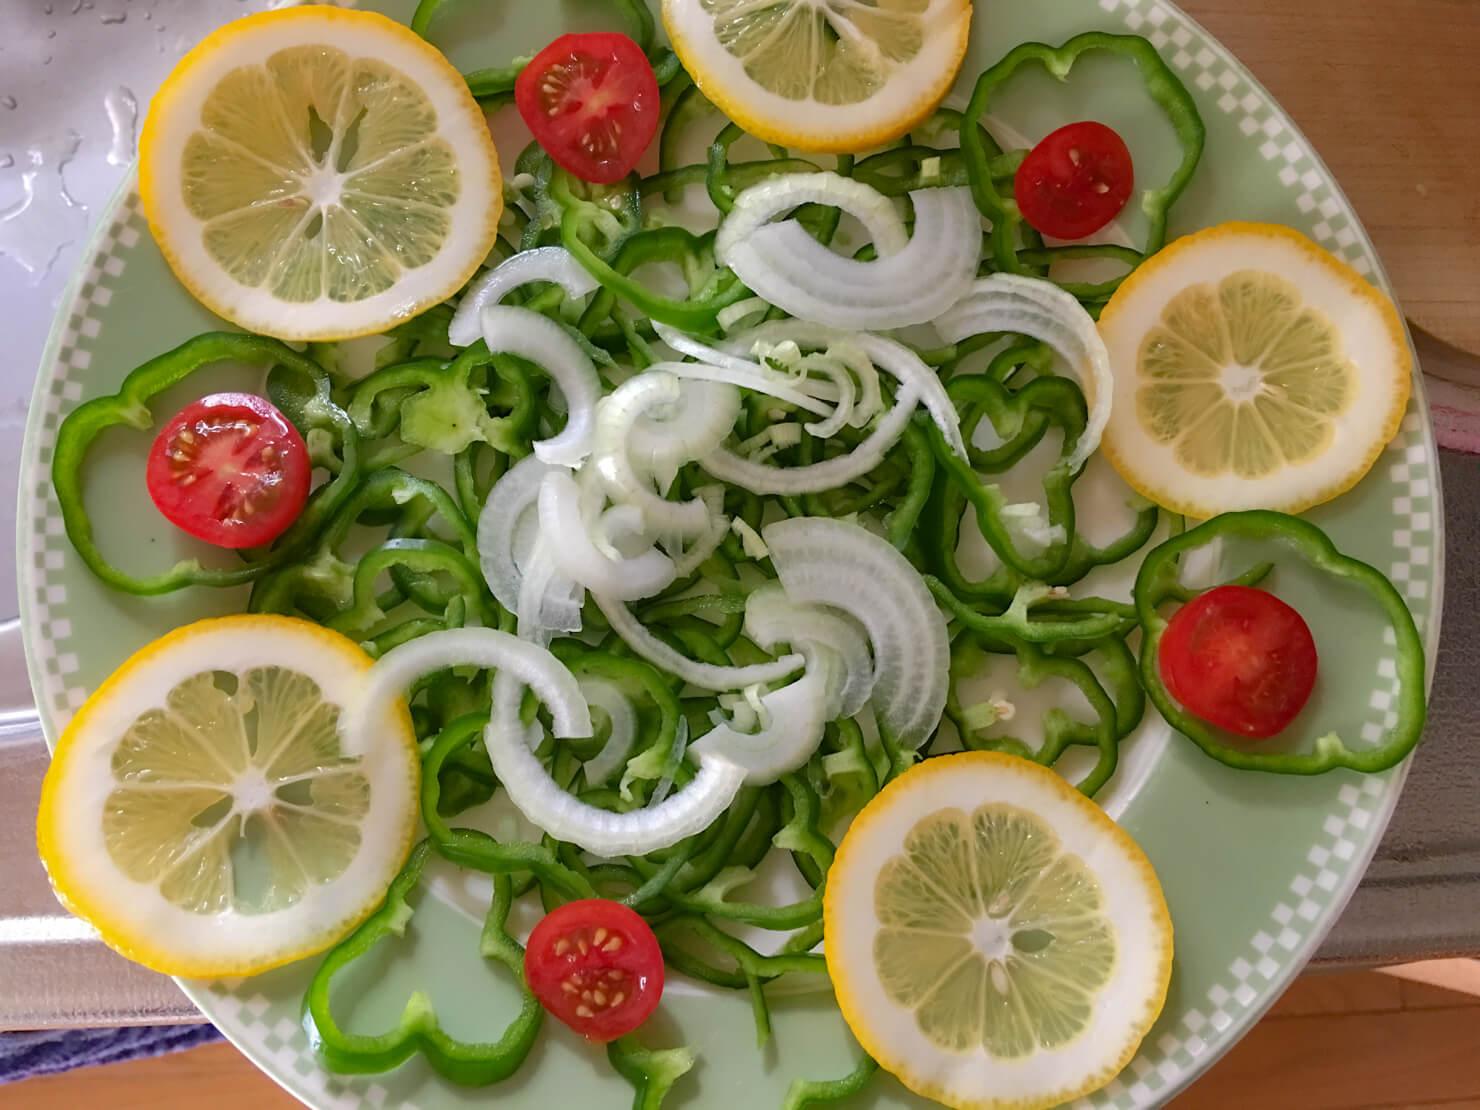 野菜を皿に盛りつけた写真